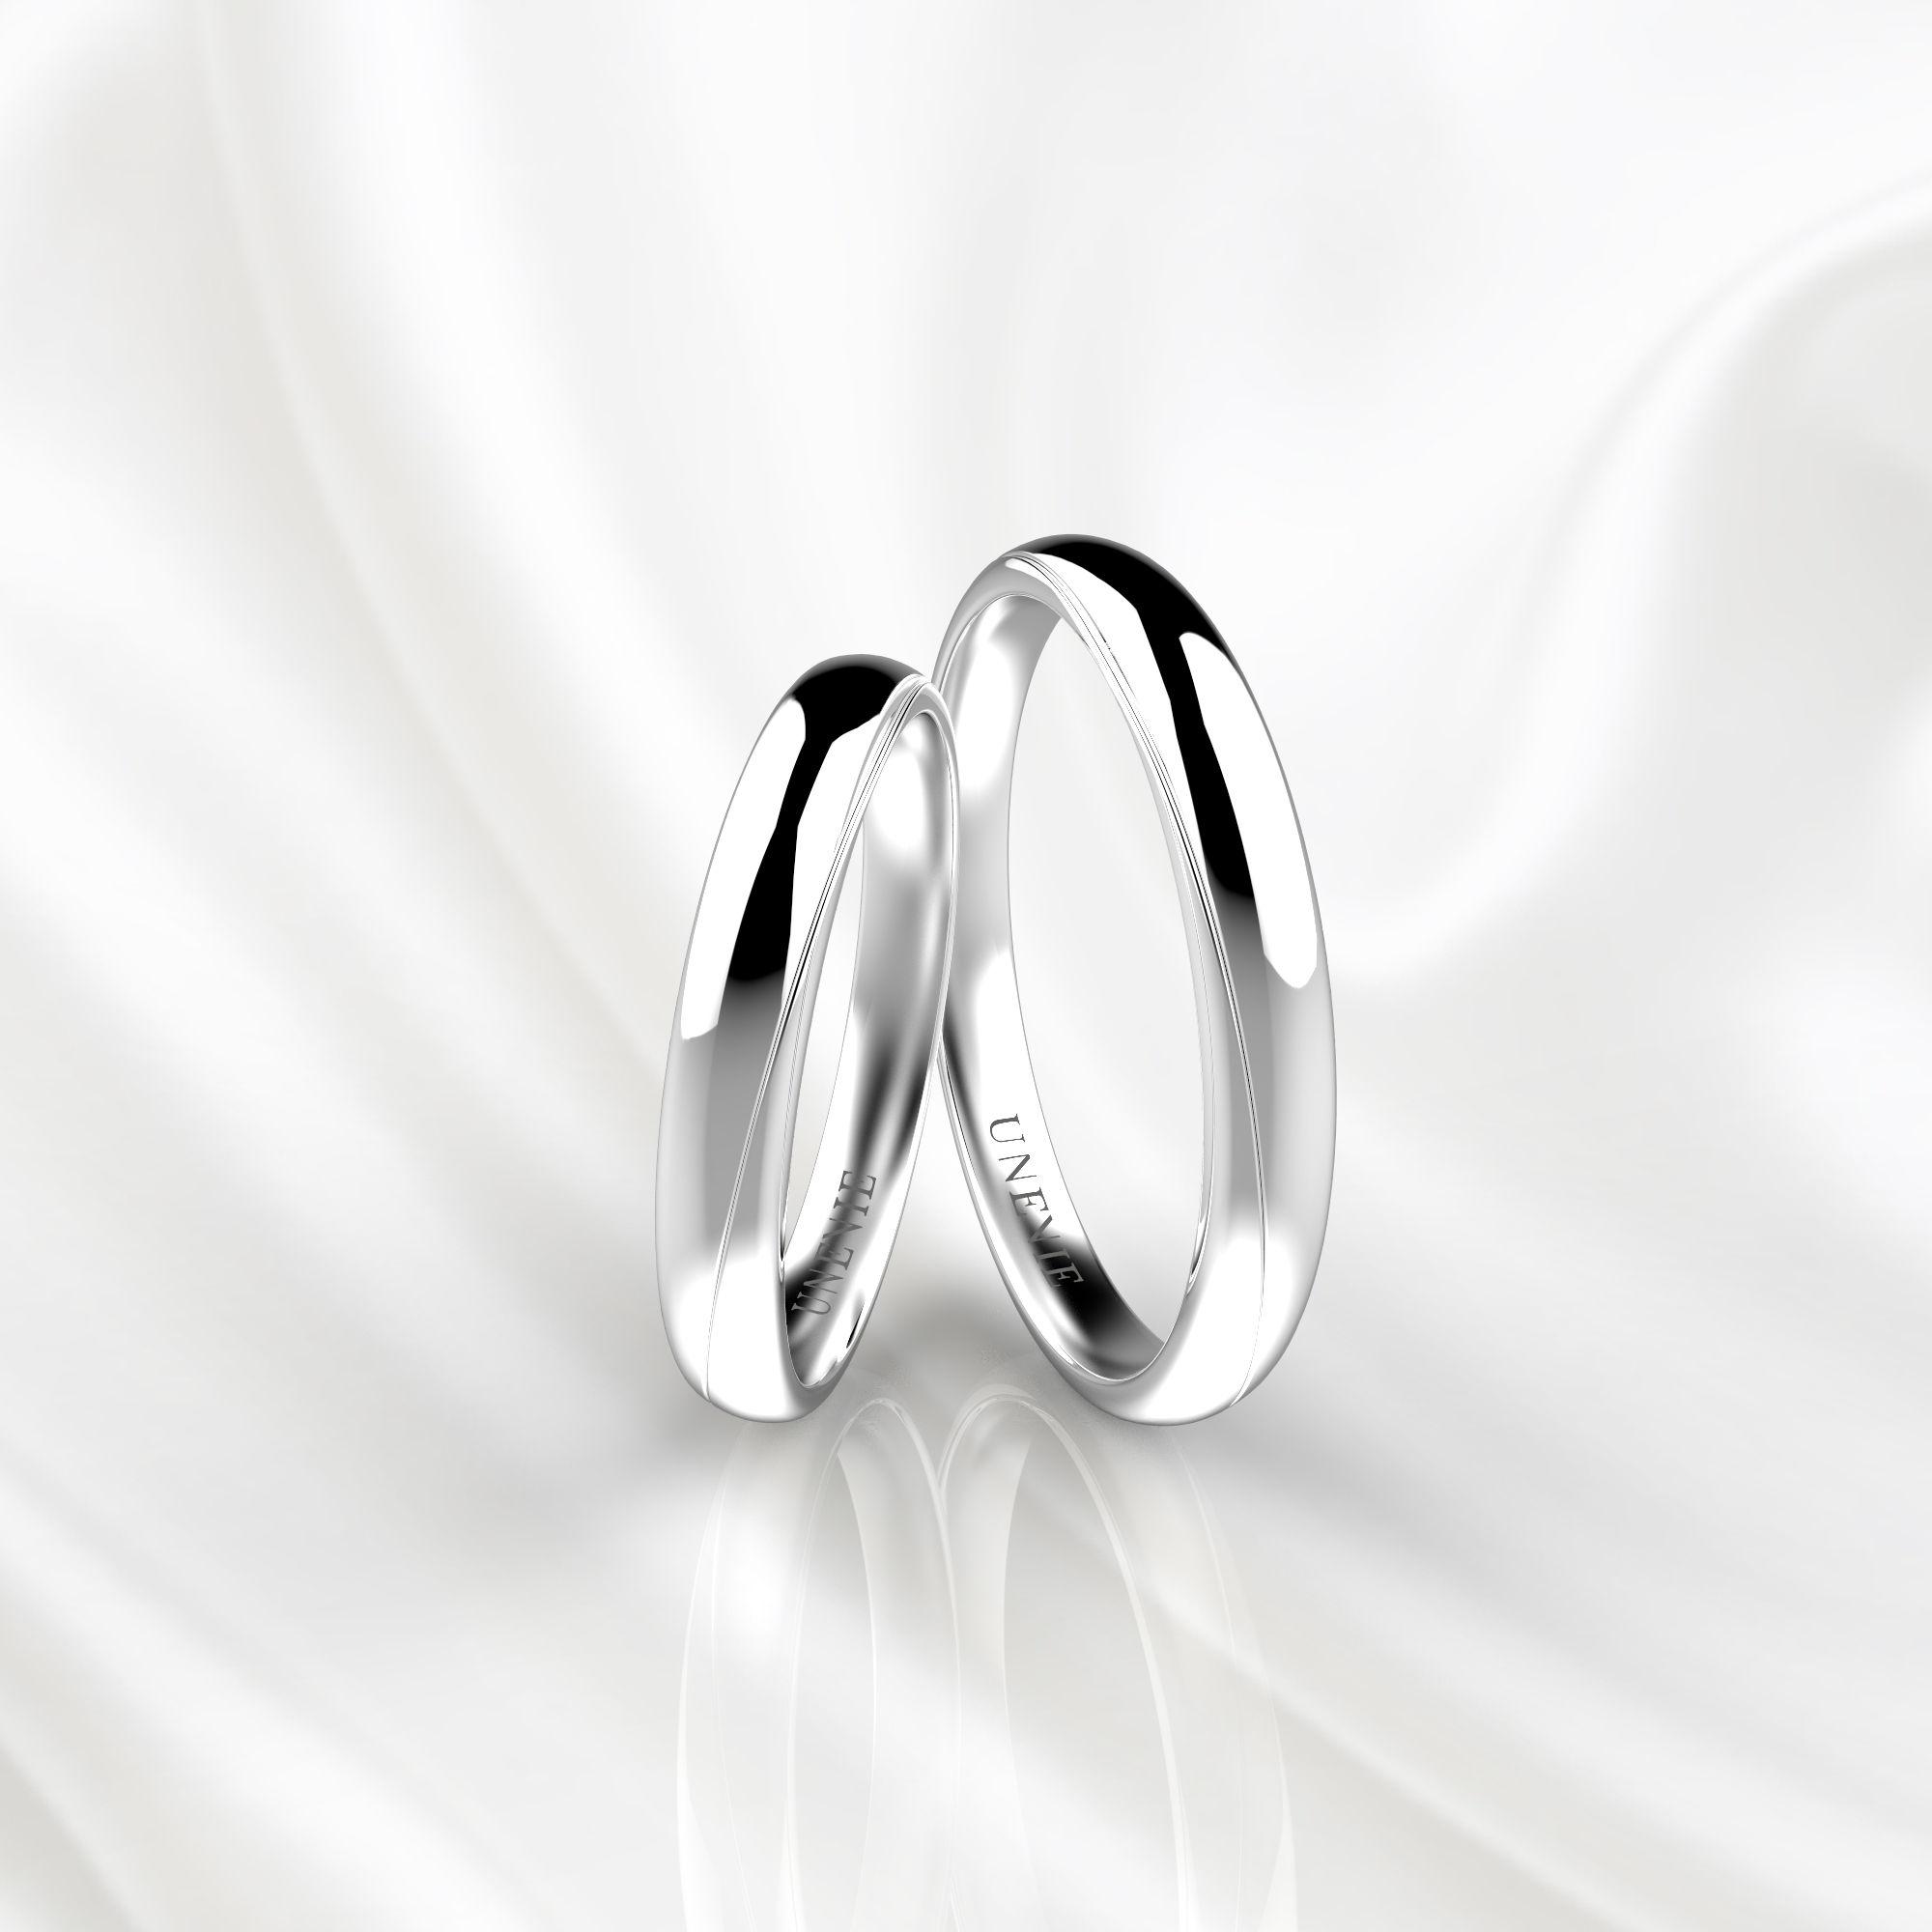 NV83 Парные обручальные кольца из белого золота